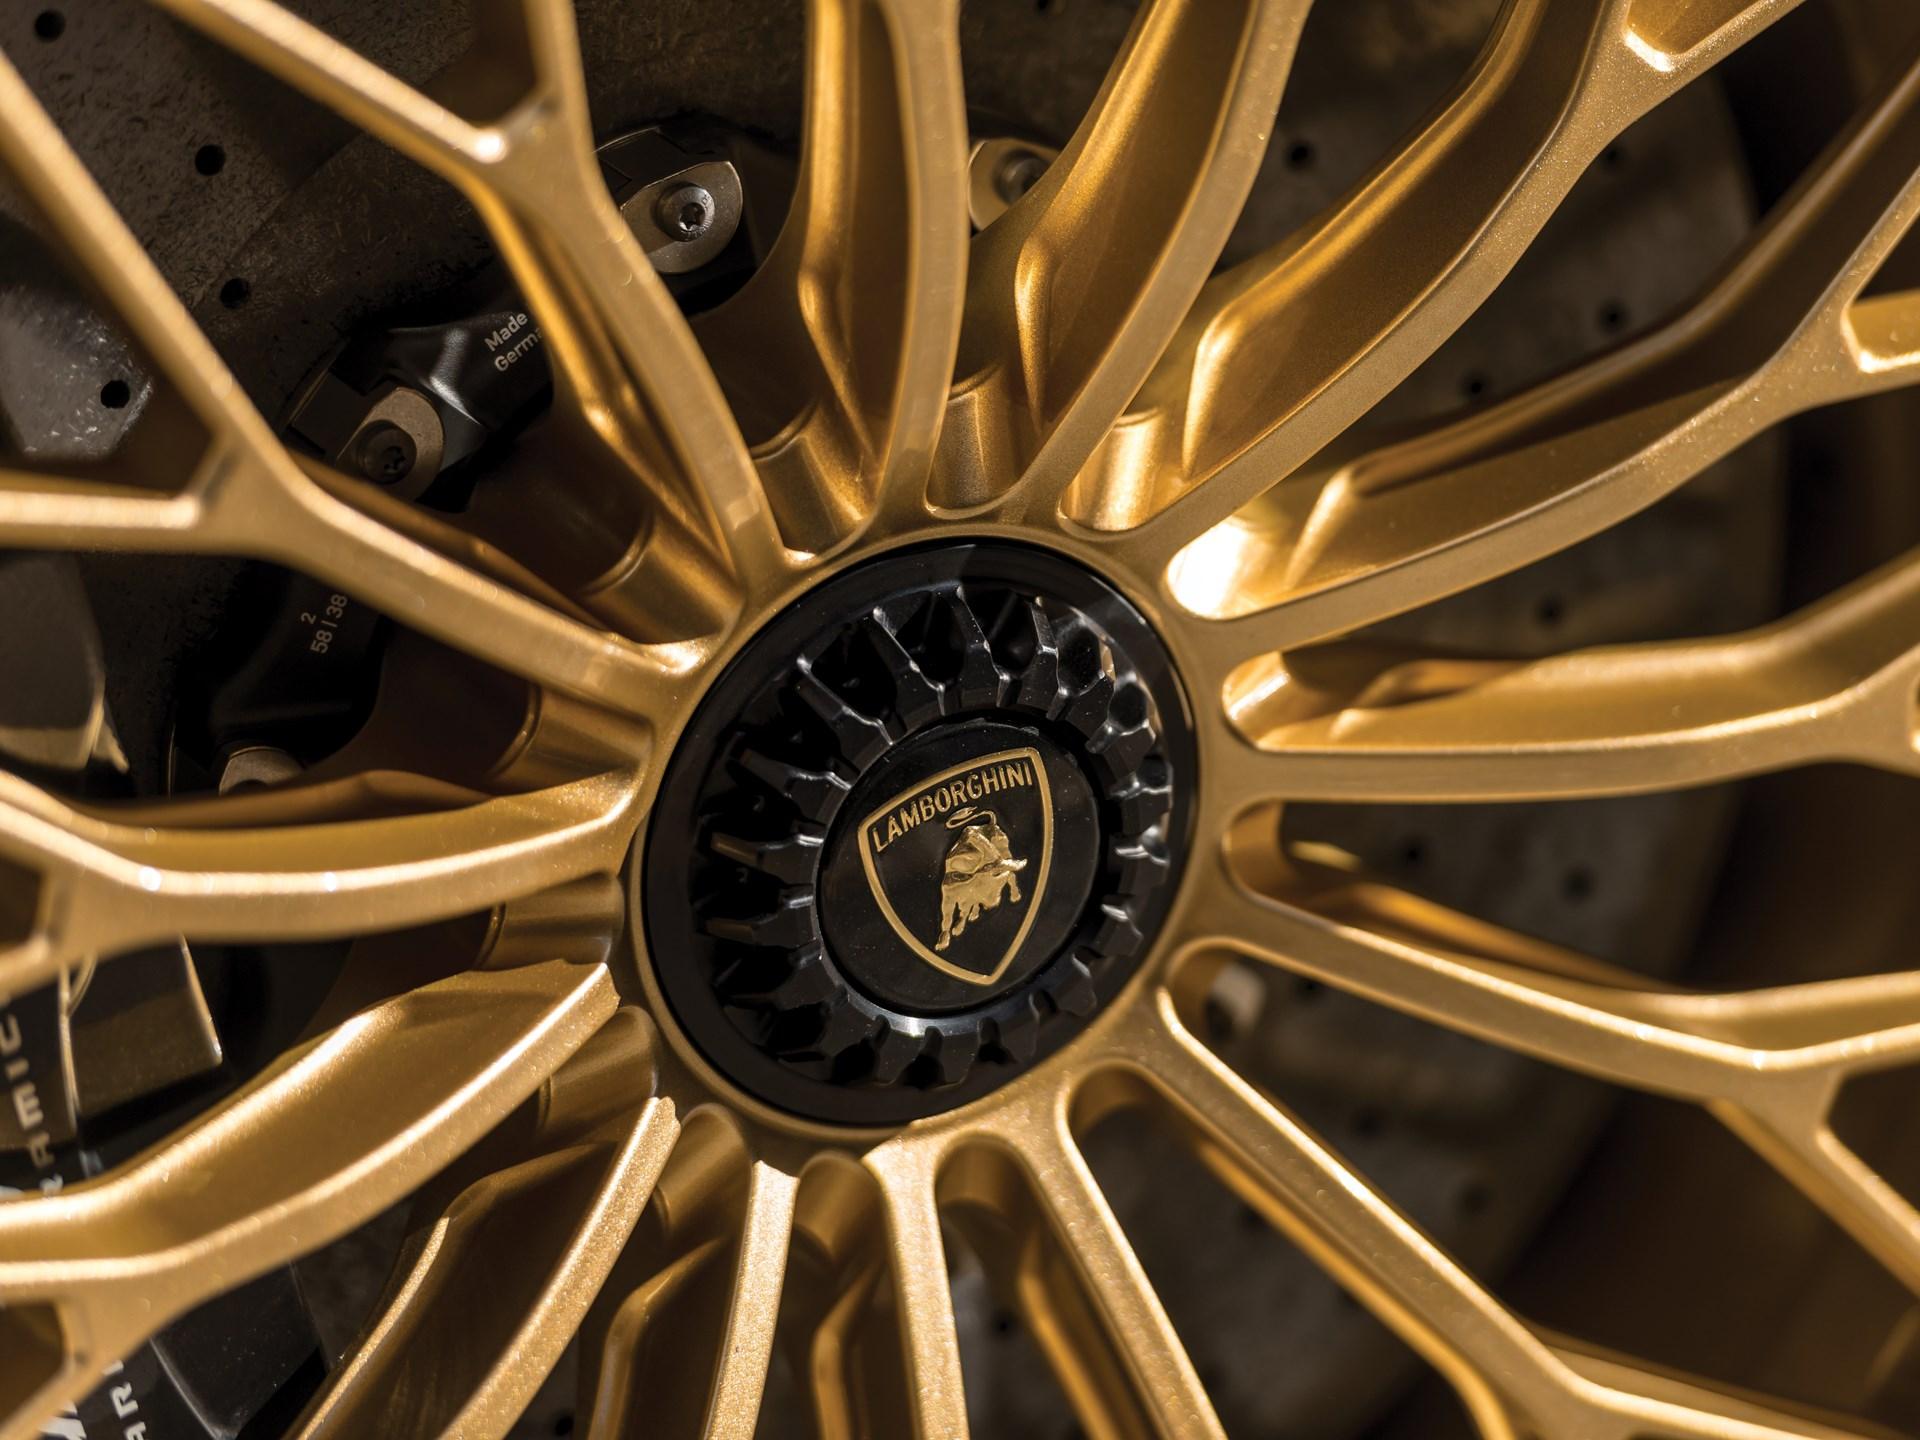 2017 Lamborghini Aventador LP750-4 SV Coupe